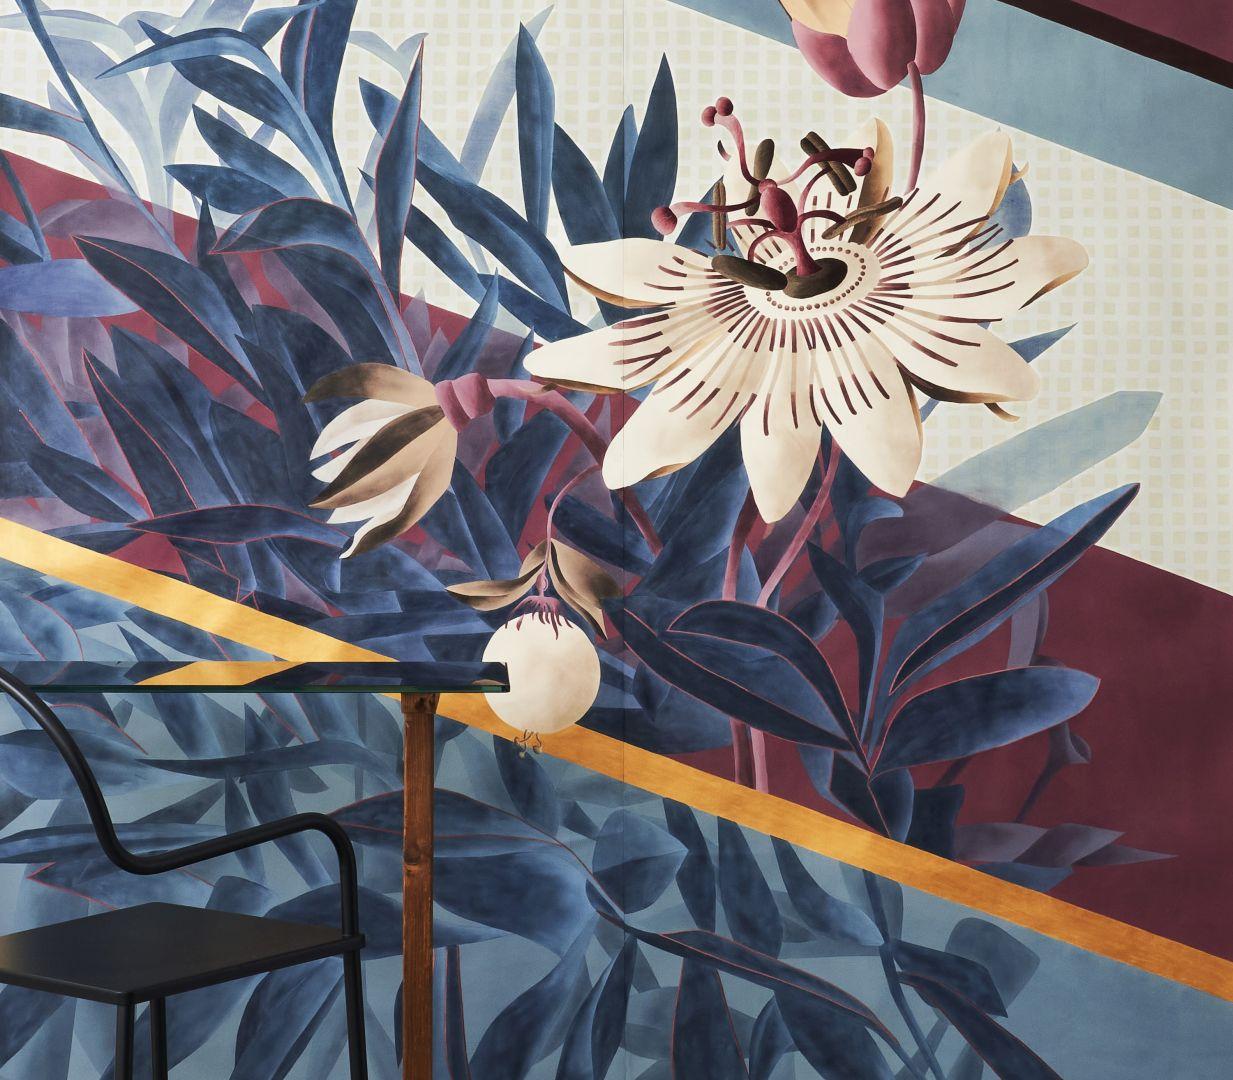 """""""Passiflora"""", czyli kwiat męczennicy z owocami, jest niekwestionowanym bohaterem tej tapety. Ponadwymiarowy design łączy się tu z bujną paprocią poprzez naprzemienne nakładanie się i przenikanie elementów poszczególnych planów. Inspiracją dla tła jest świat tekstyliów, gdzie geometryczne mikro wzory występują naprzemiennie z szerokimi ukośnymi paskami. Na jej wyjątkowy wygląd wpływają dodatkowo ręcznie haftowane detale, które nadają kwiatom aspekt pełnej trójwymiarowości. Fot. Mood-Design"""